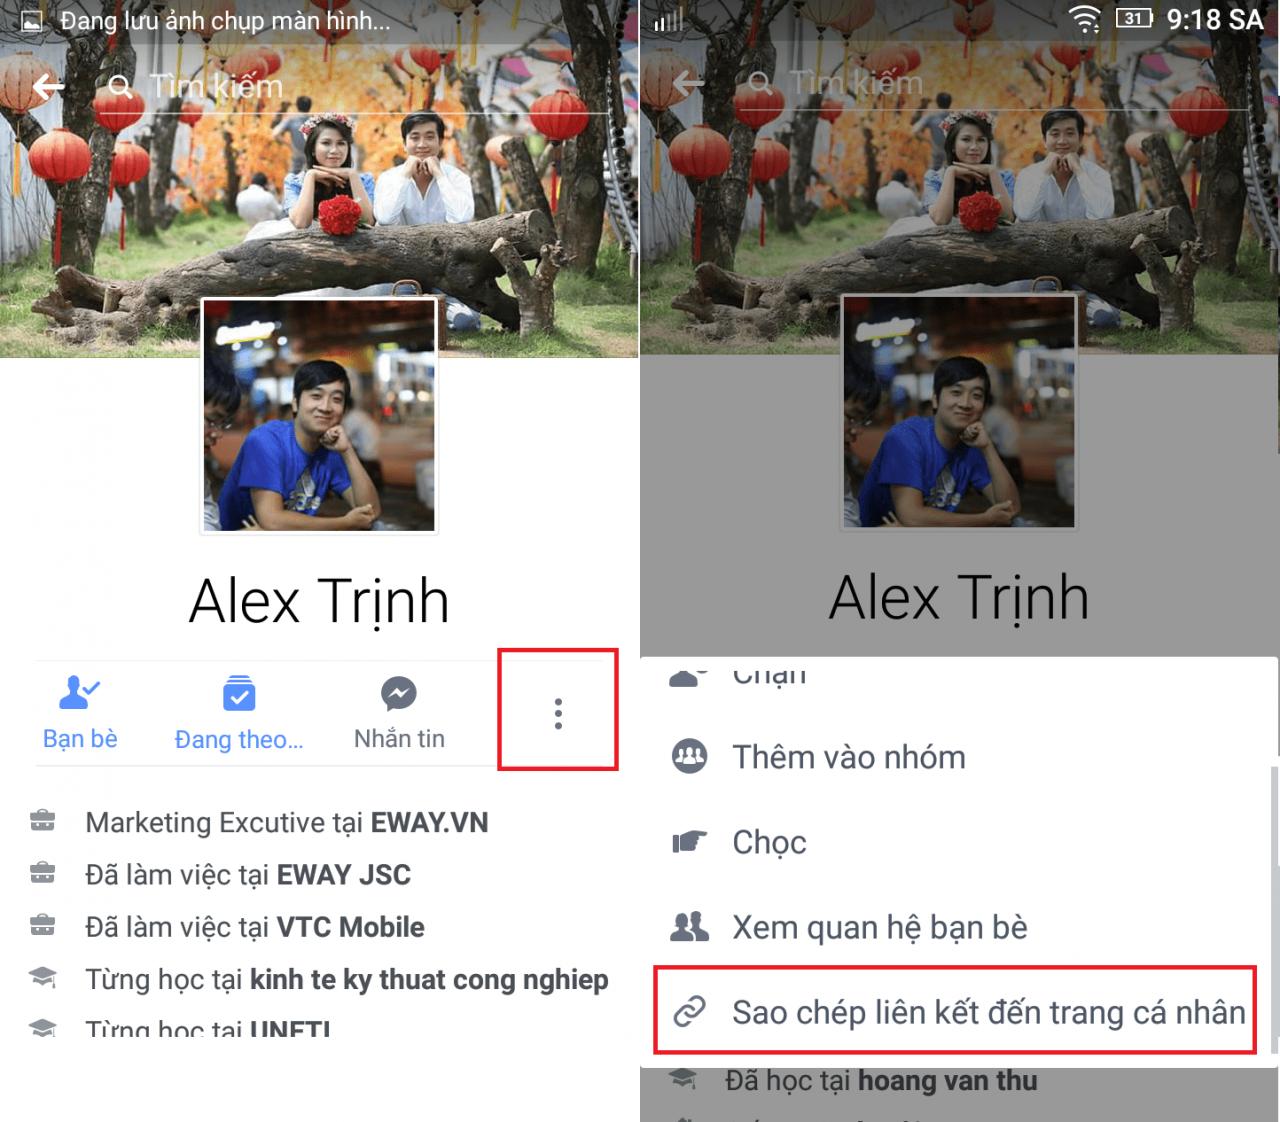 Hình ảnh 776VFij của Cách kiểm tra hoạt động của một người nào đó trên Facebook tại HieuMobile